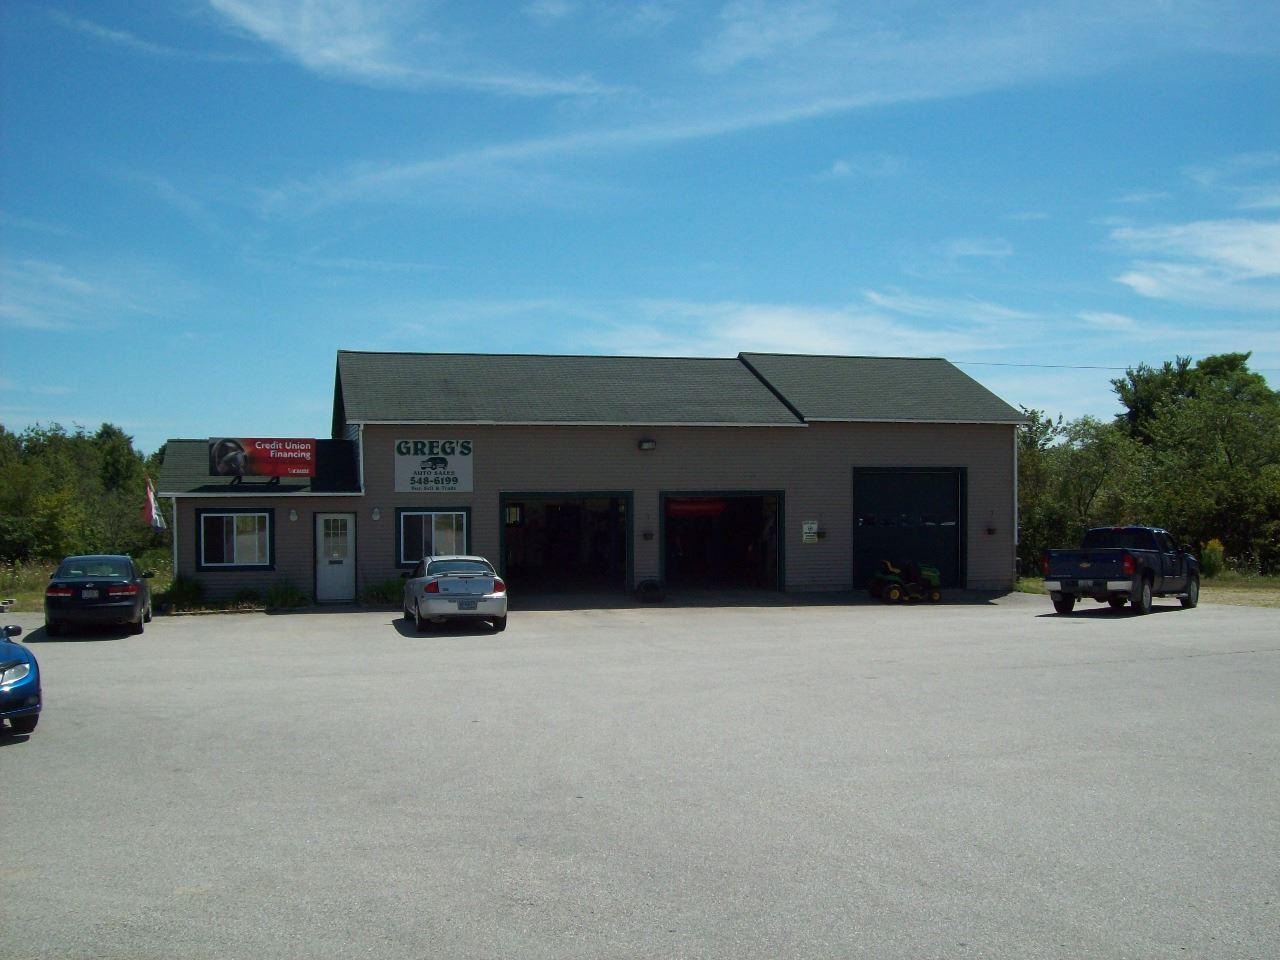 Greg's Auto Sales